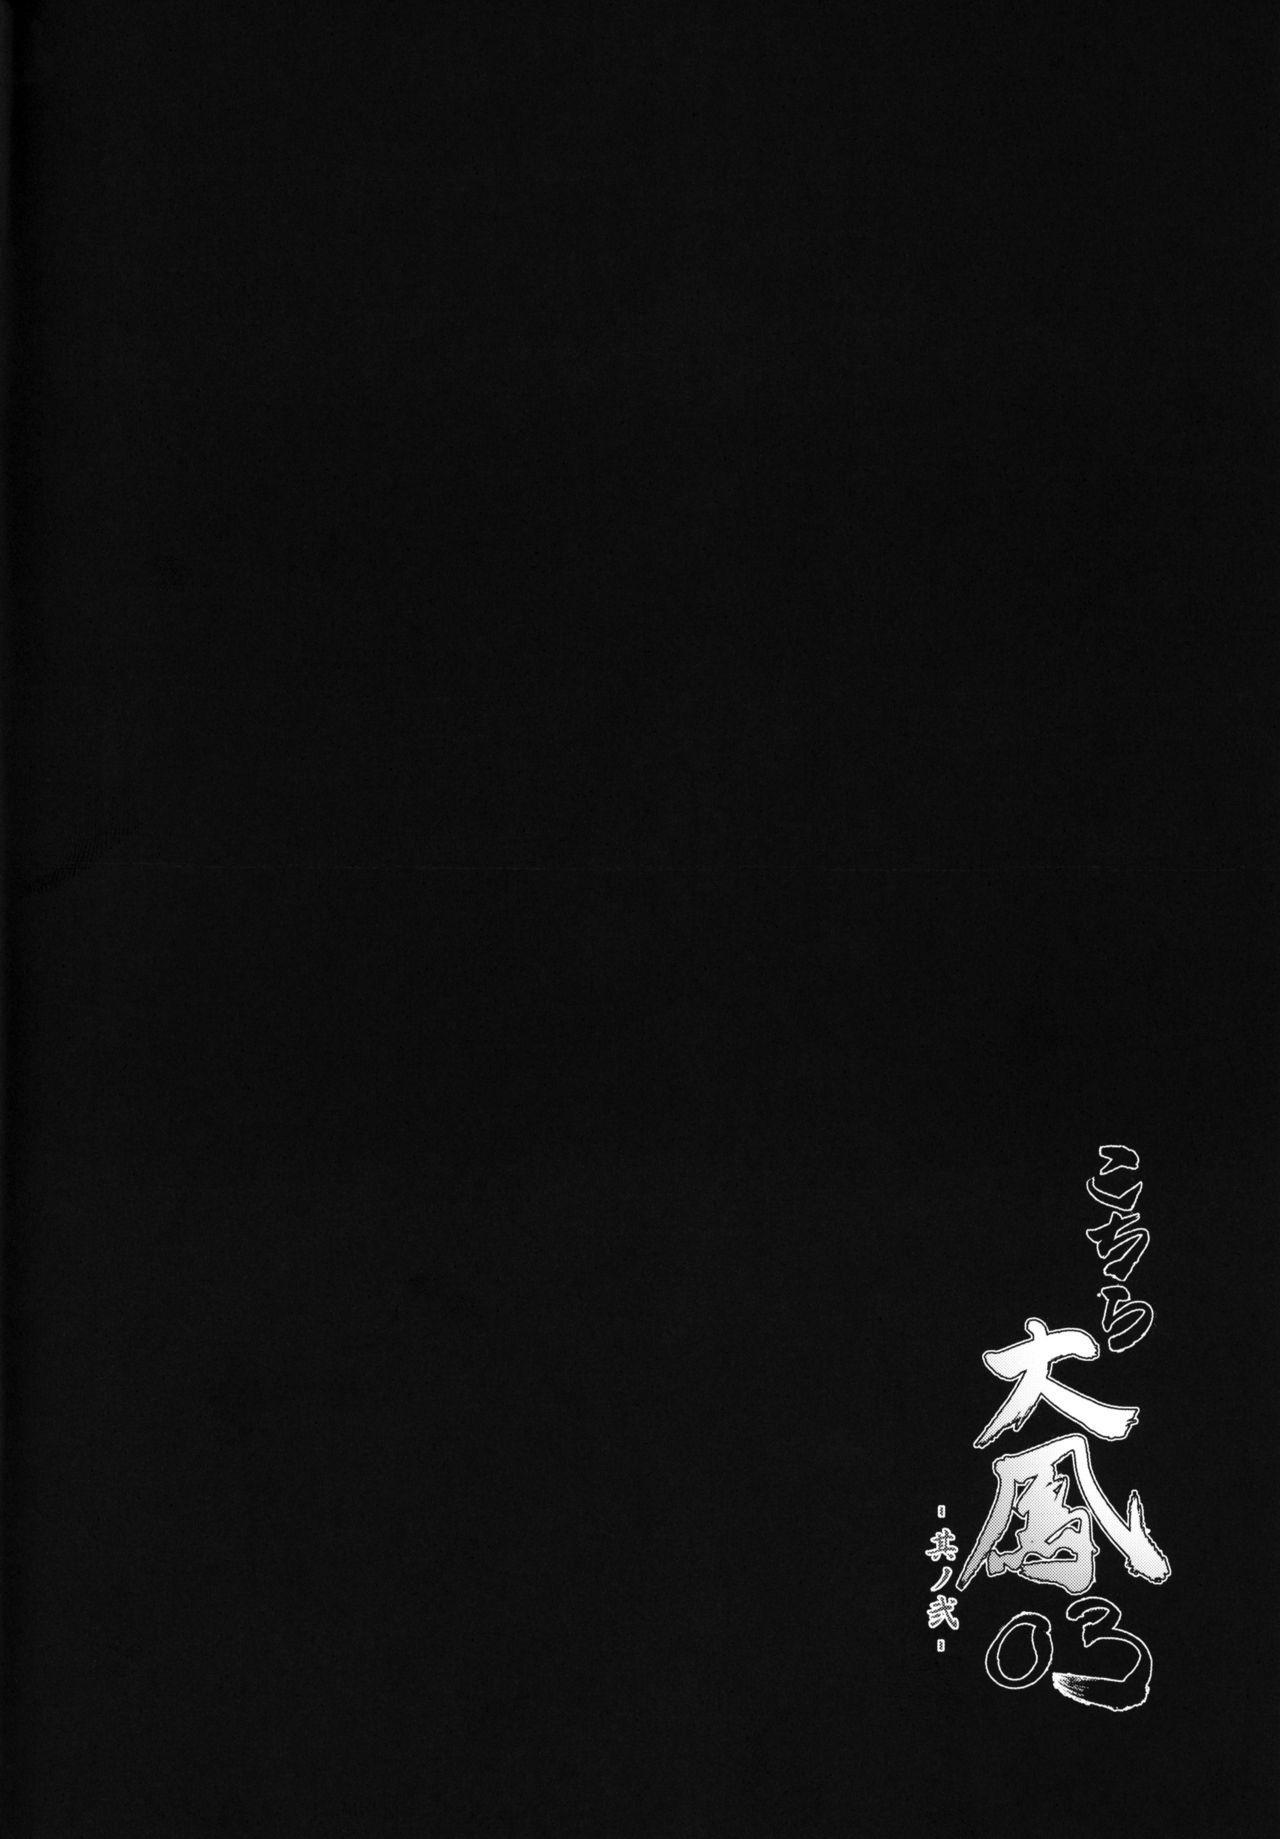 Kochira Taihou 03 2